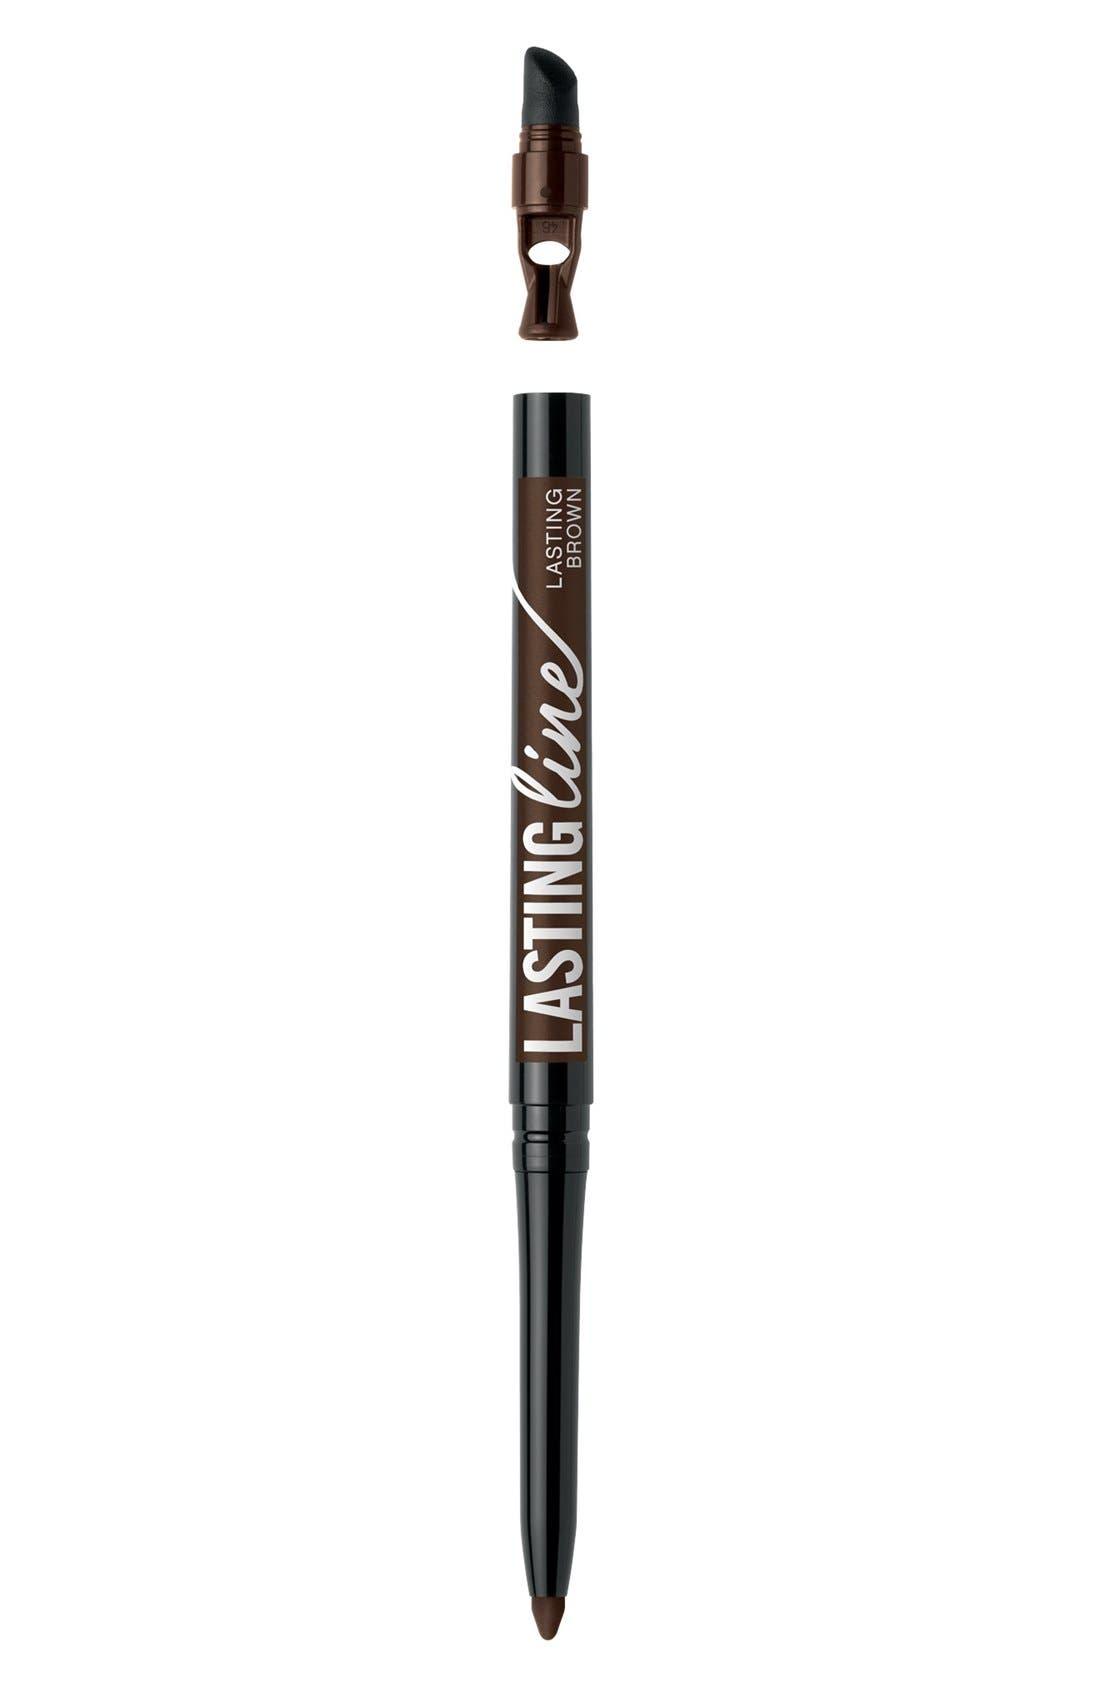 Bareminerals Lasting Line(TM) Long-Wearing Eyeliner - Lasting Brown